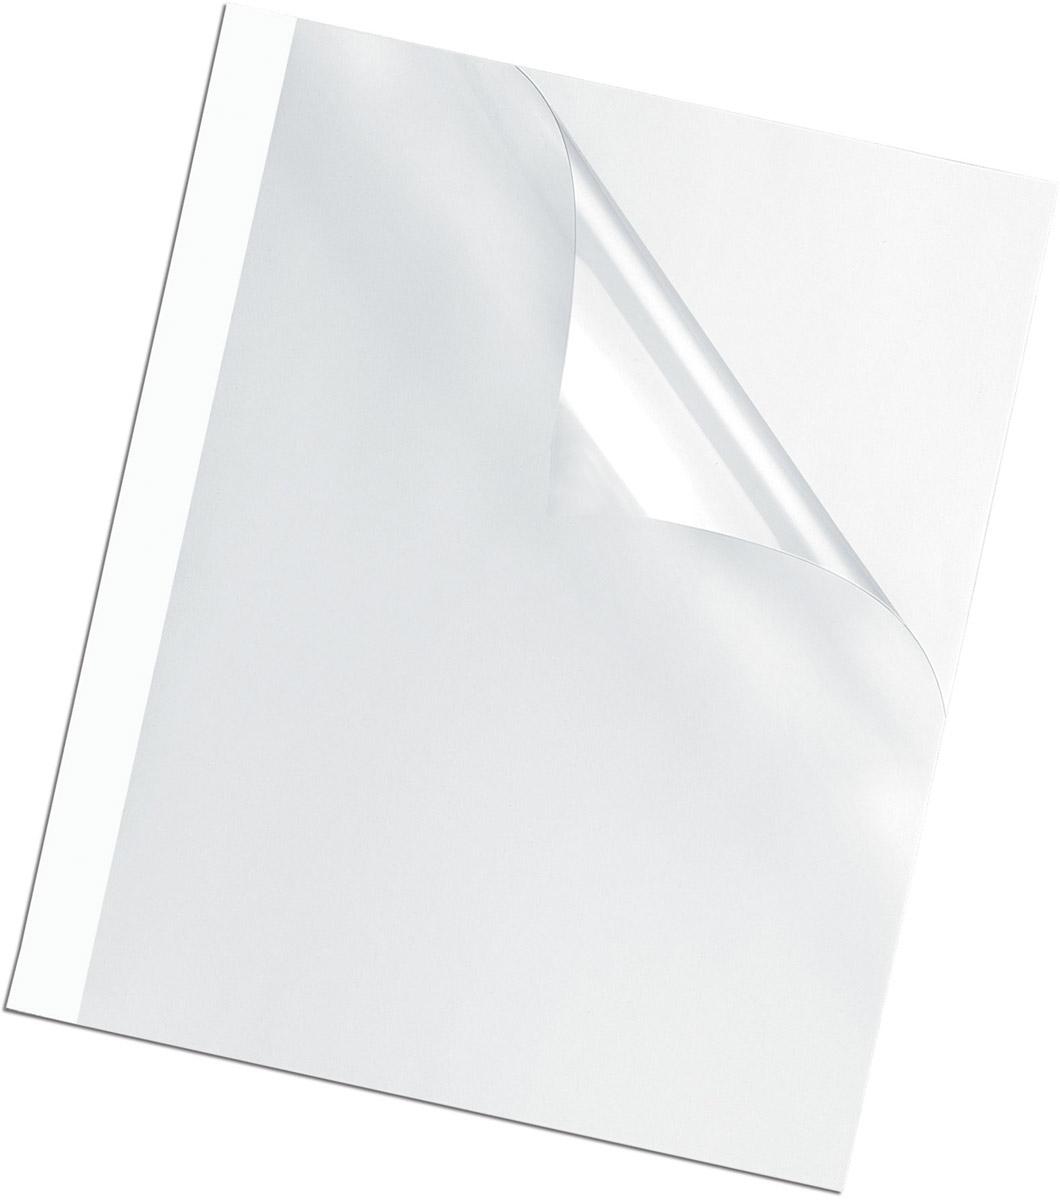 Fellowes A4 FS-53154 обложка для термопереплета, 6 мм (100 шт)FS-53154Обложка для термопереплета предназначена для оформления документов. Верх обложки – прозрачный PVC (150мкм), низ – глянцевый картон (220гр/кв.м). 100шт. в розничной упаковке.